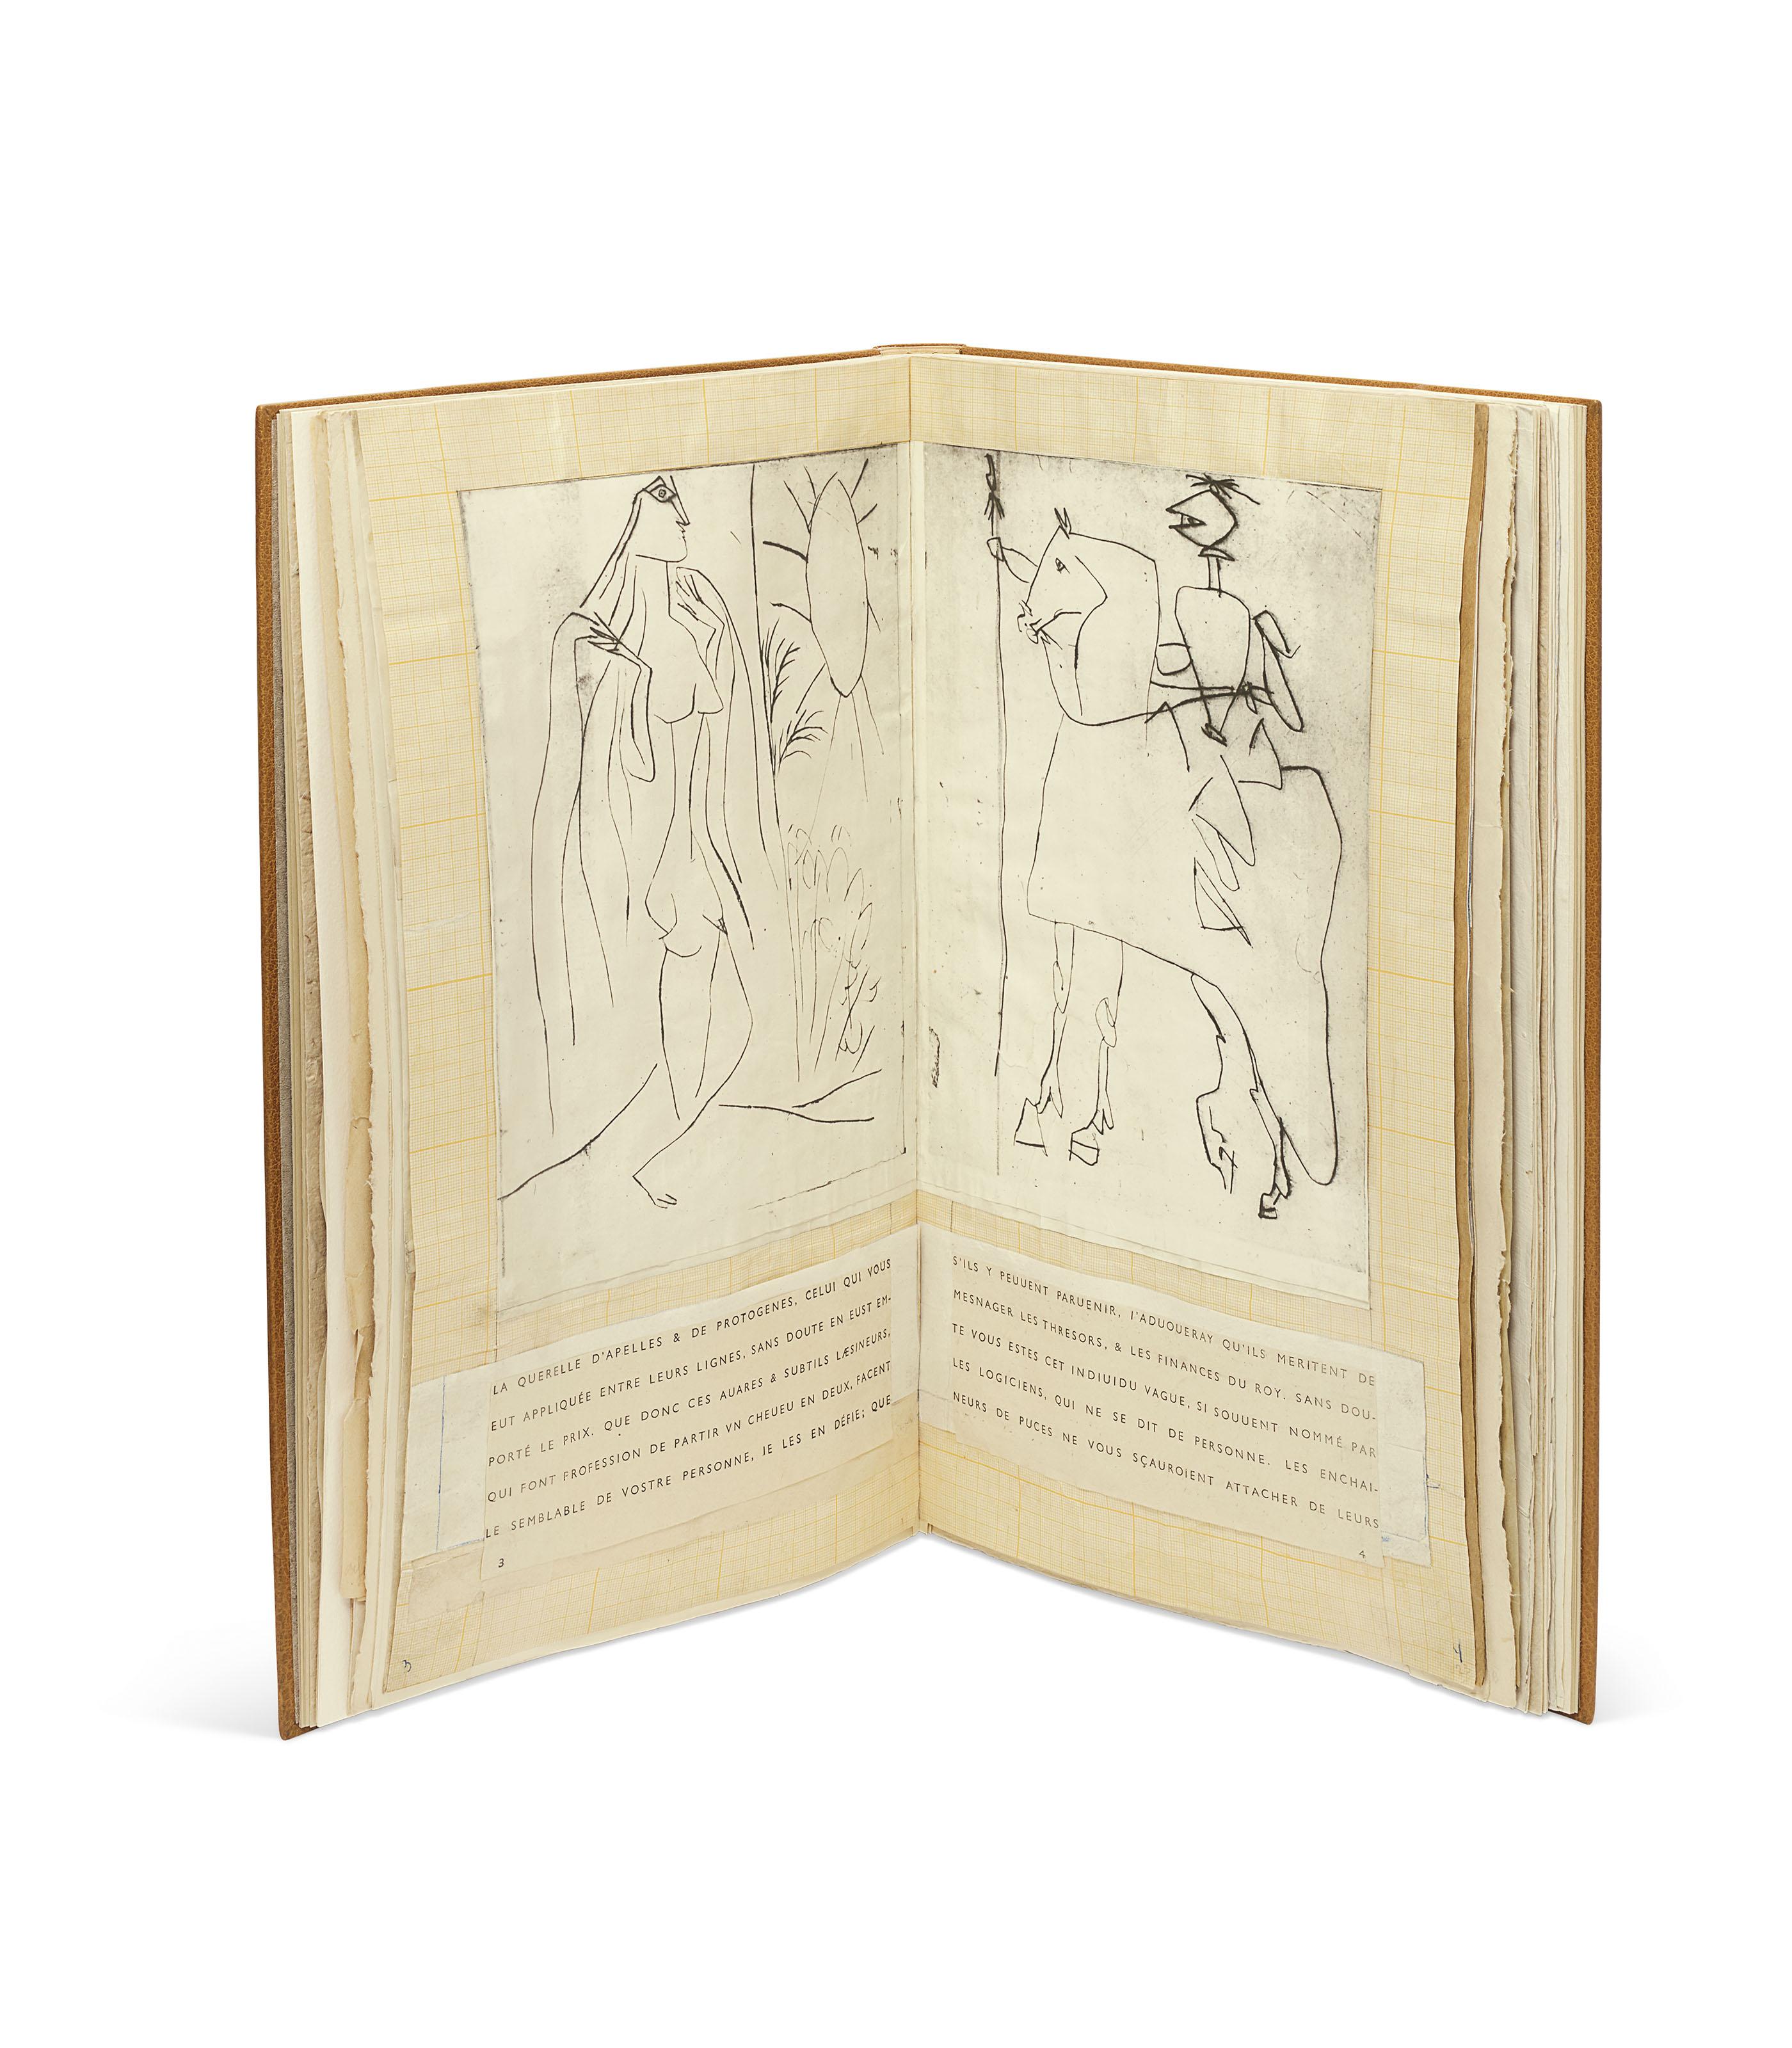 ILIAZD, Ilia Zdanevitch dit, Guillaume de VAUX, Adrian de Monluc dit, et Pablo PICASSO. Maquette de La Maigre. [Paris], [ca. 1951]